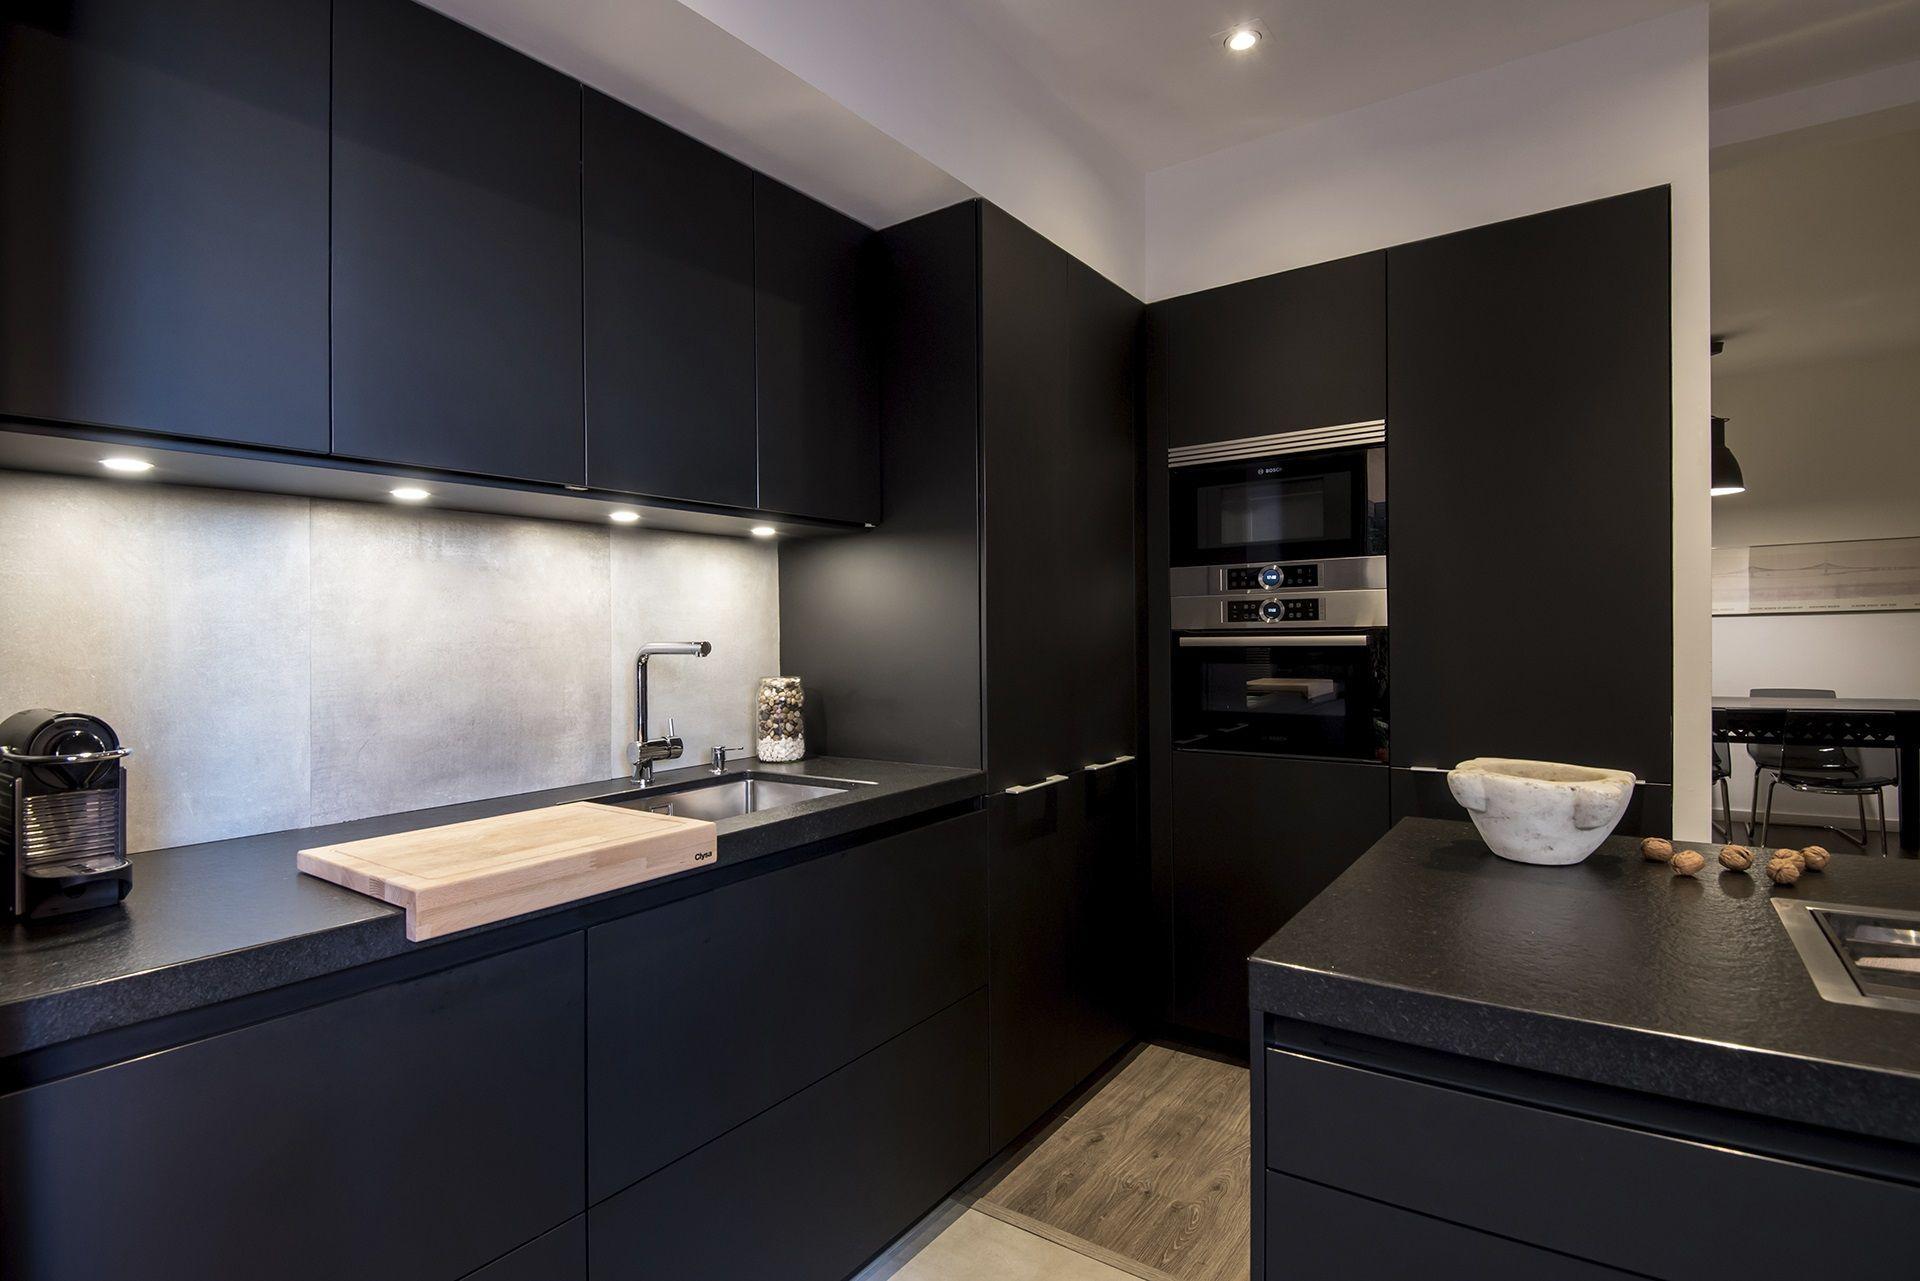 SANTOS KITCHEN   Muebles de cocina Santos: diseños que ayudan a ...